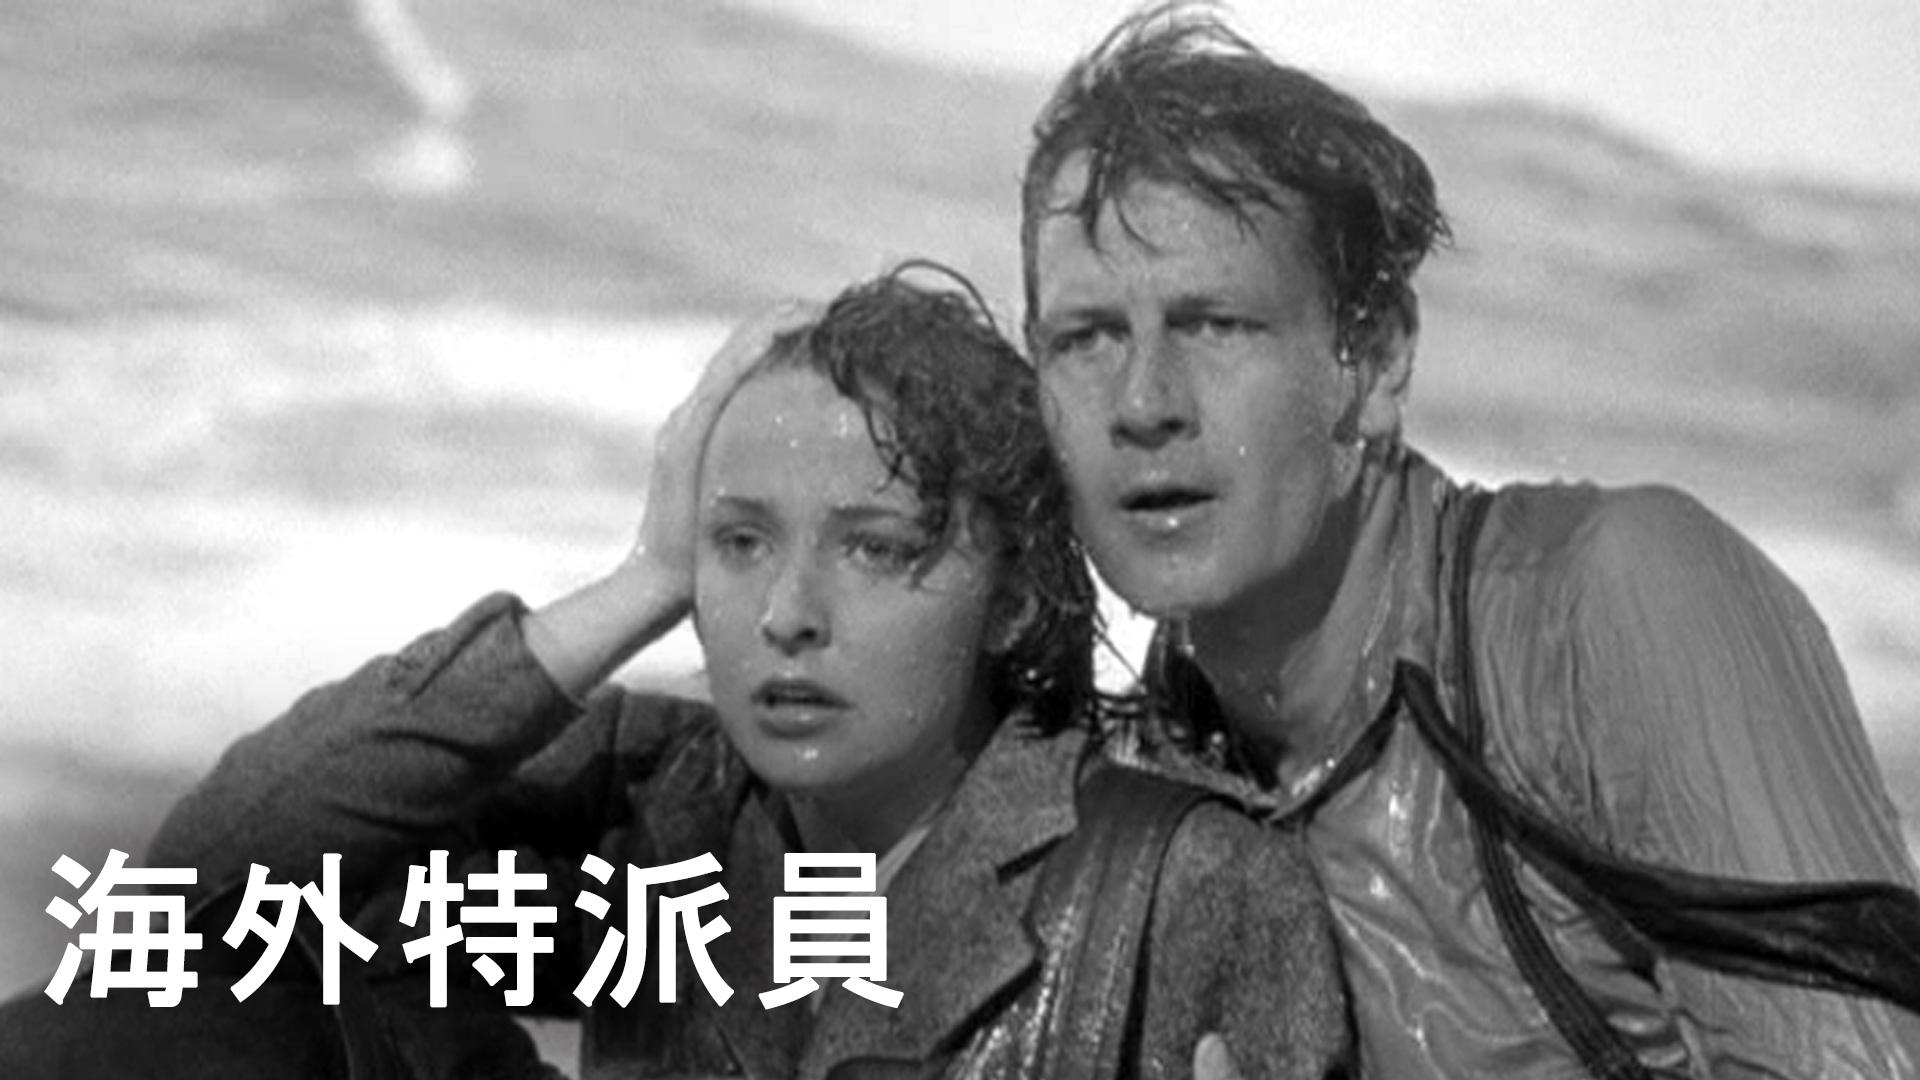 海外特派員(字幕版)